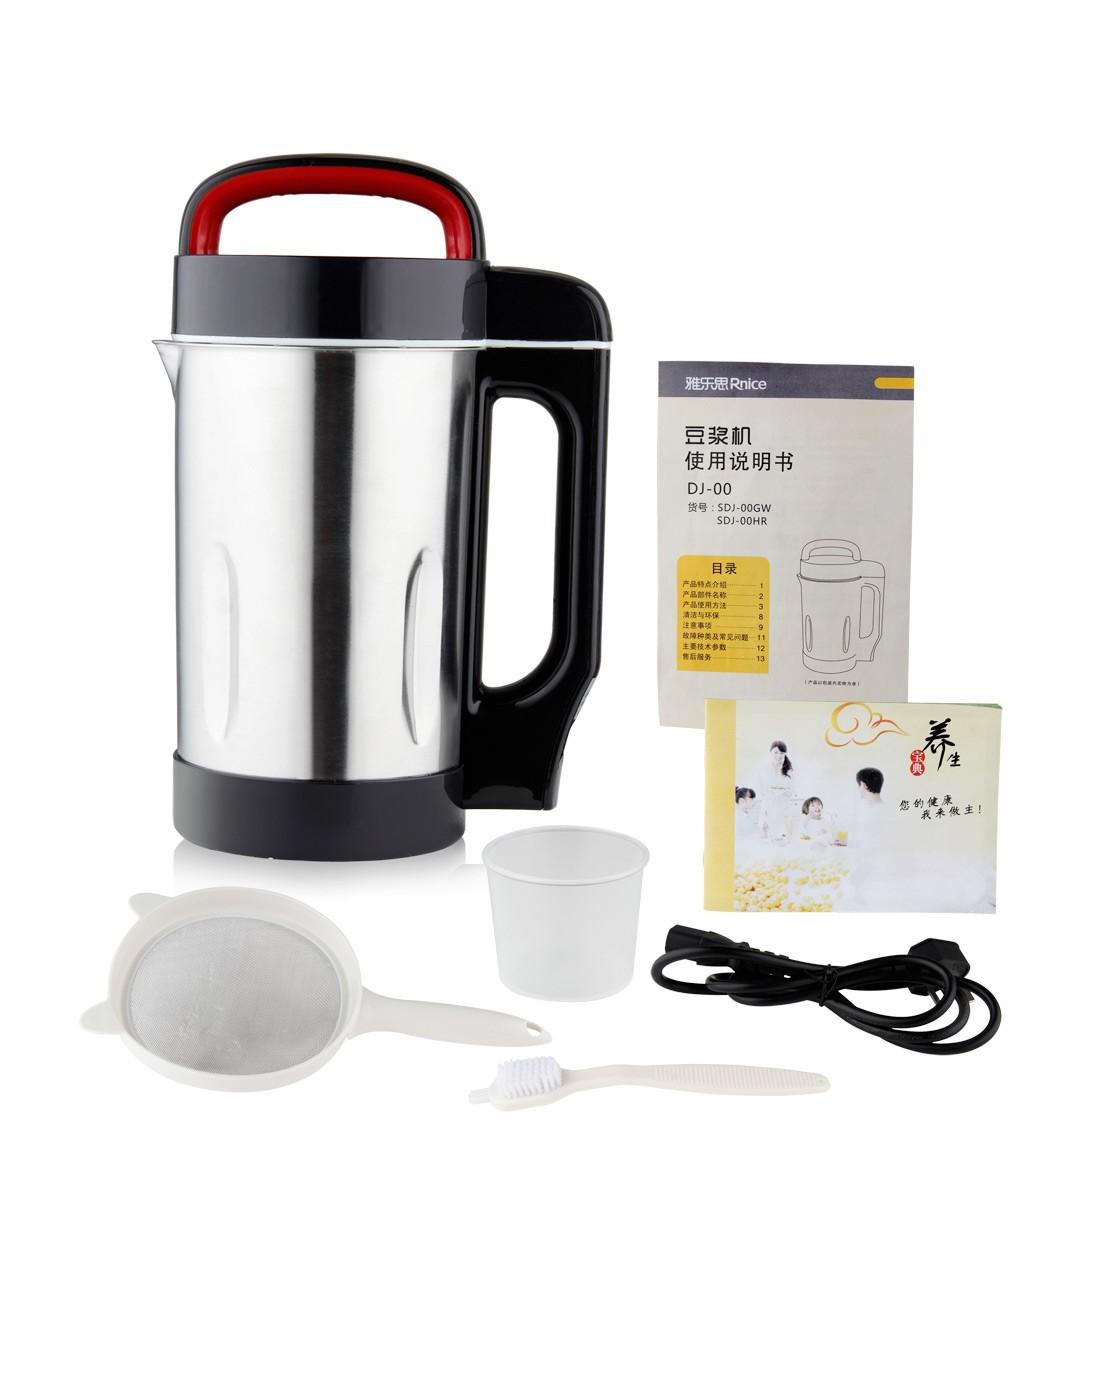 osip专场豆浆我想买衣服的搞笑图片我想买黄金豆浆机全自动全钢米糊电器SDJ-图片